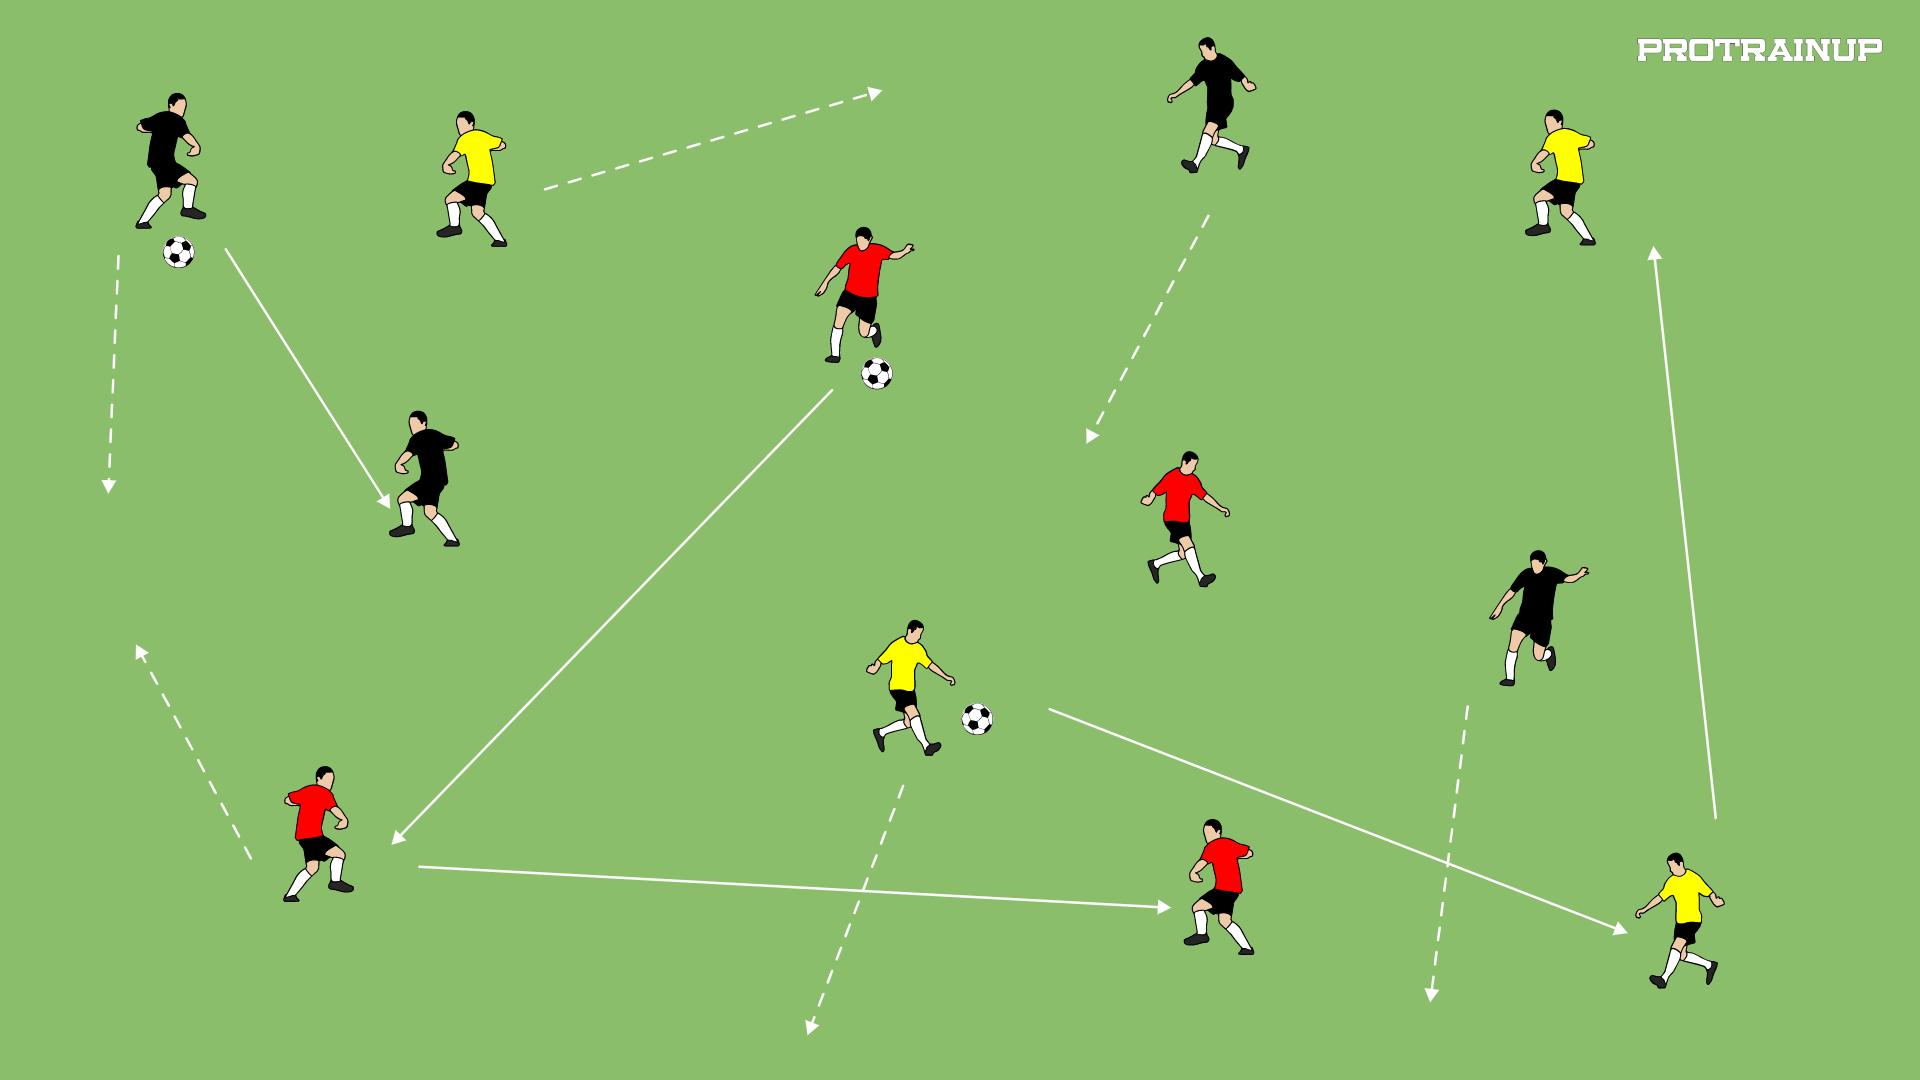 Grupowe rozbieganie z piłką